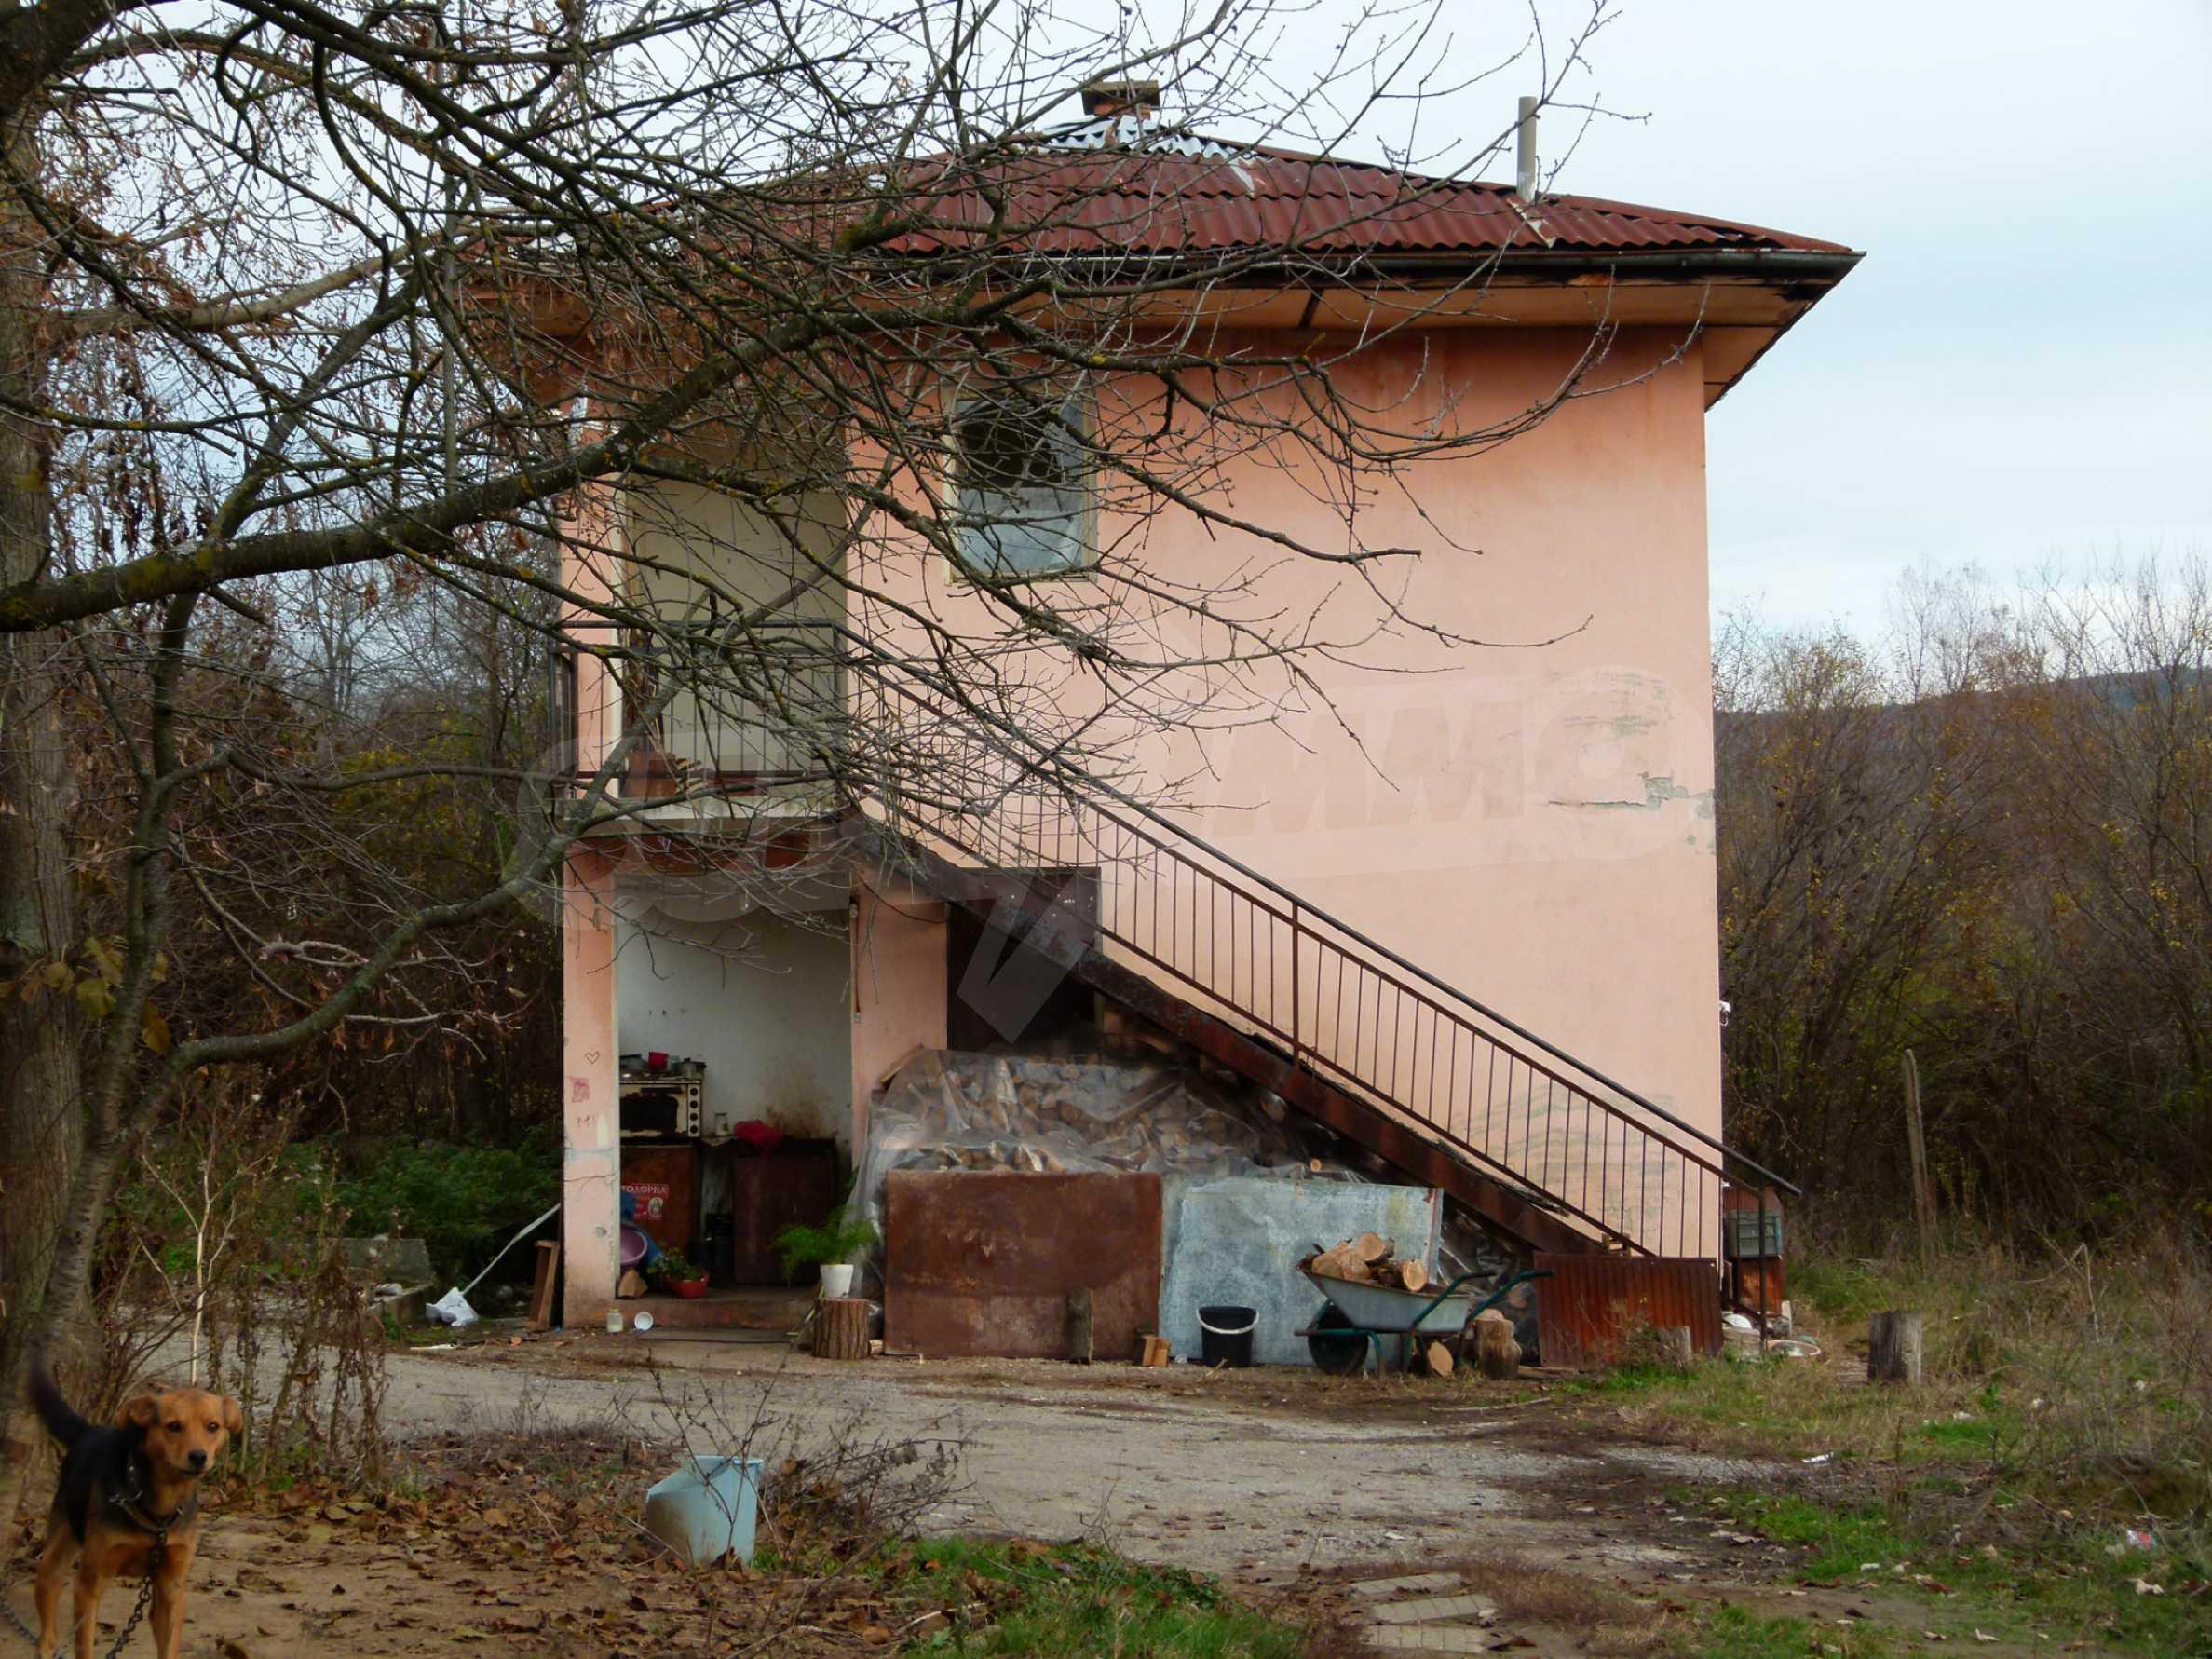 Ein Nebengebäude in einer kleinen Stadt 24 km von Veliko Tarnovo entfernt